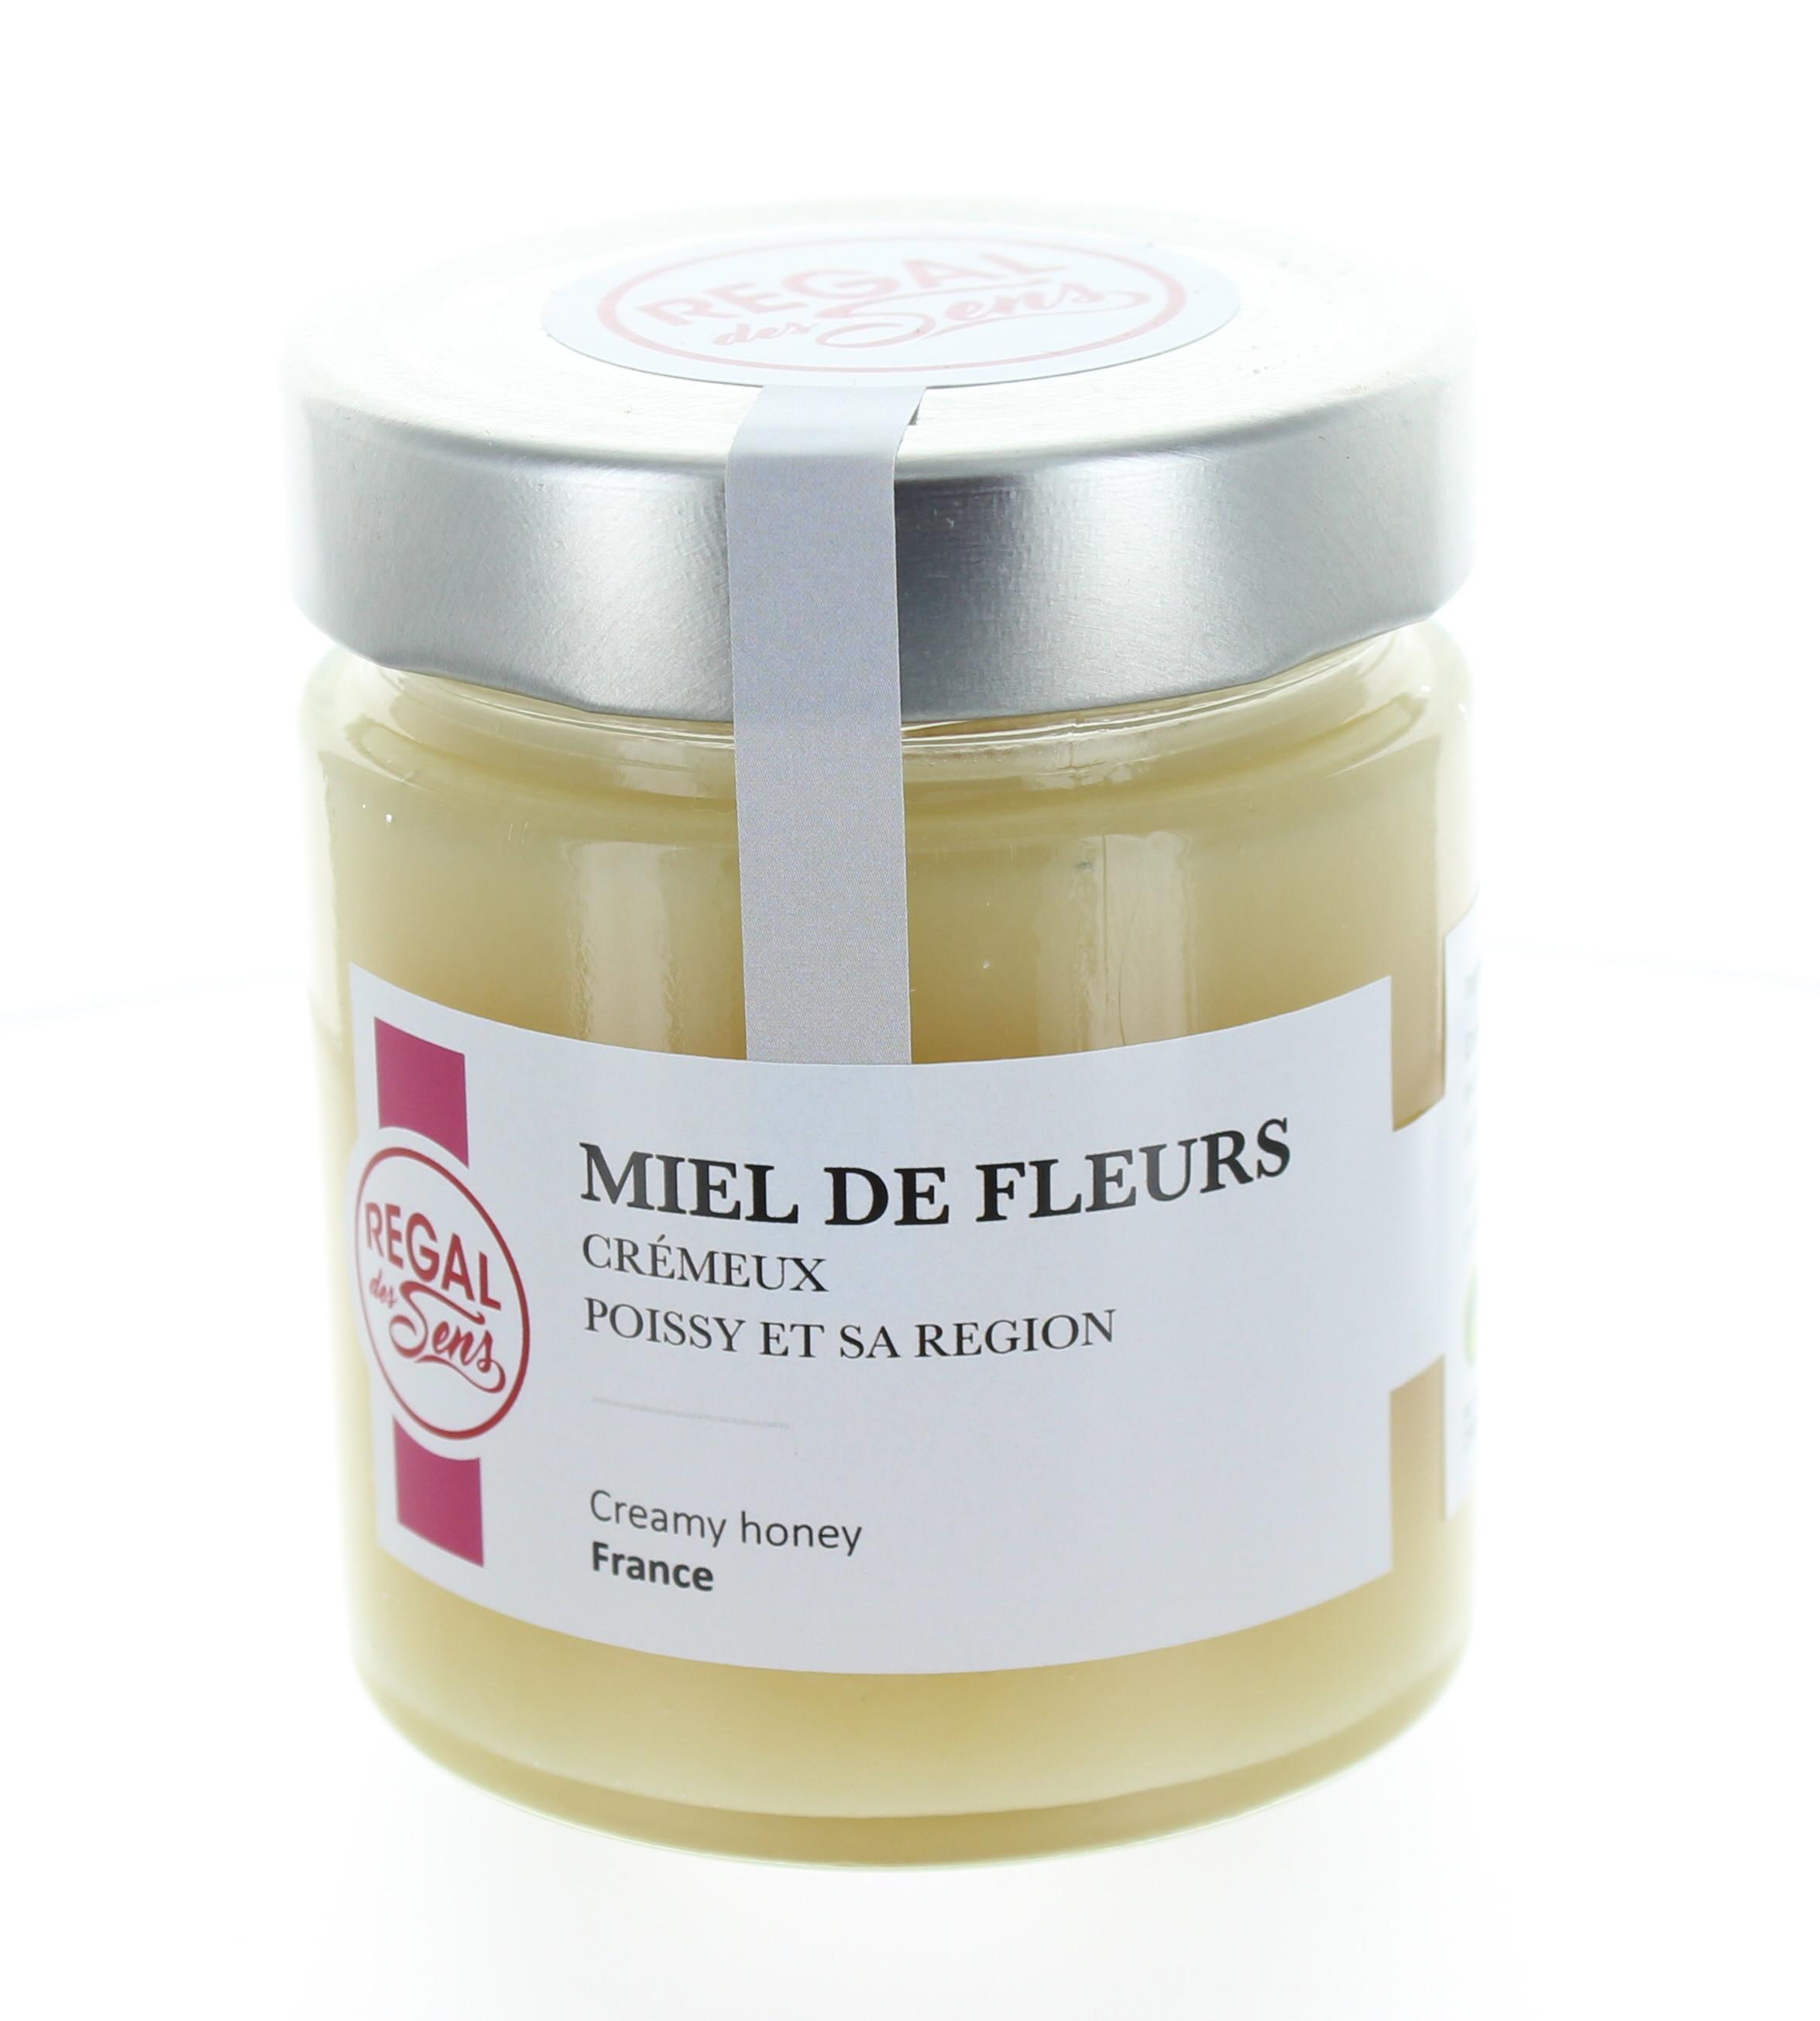 Miel de fleurs crémeux - Regal des Sens